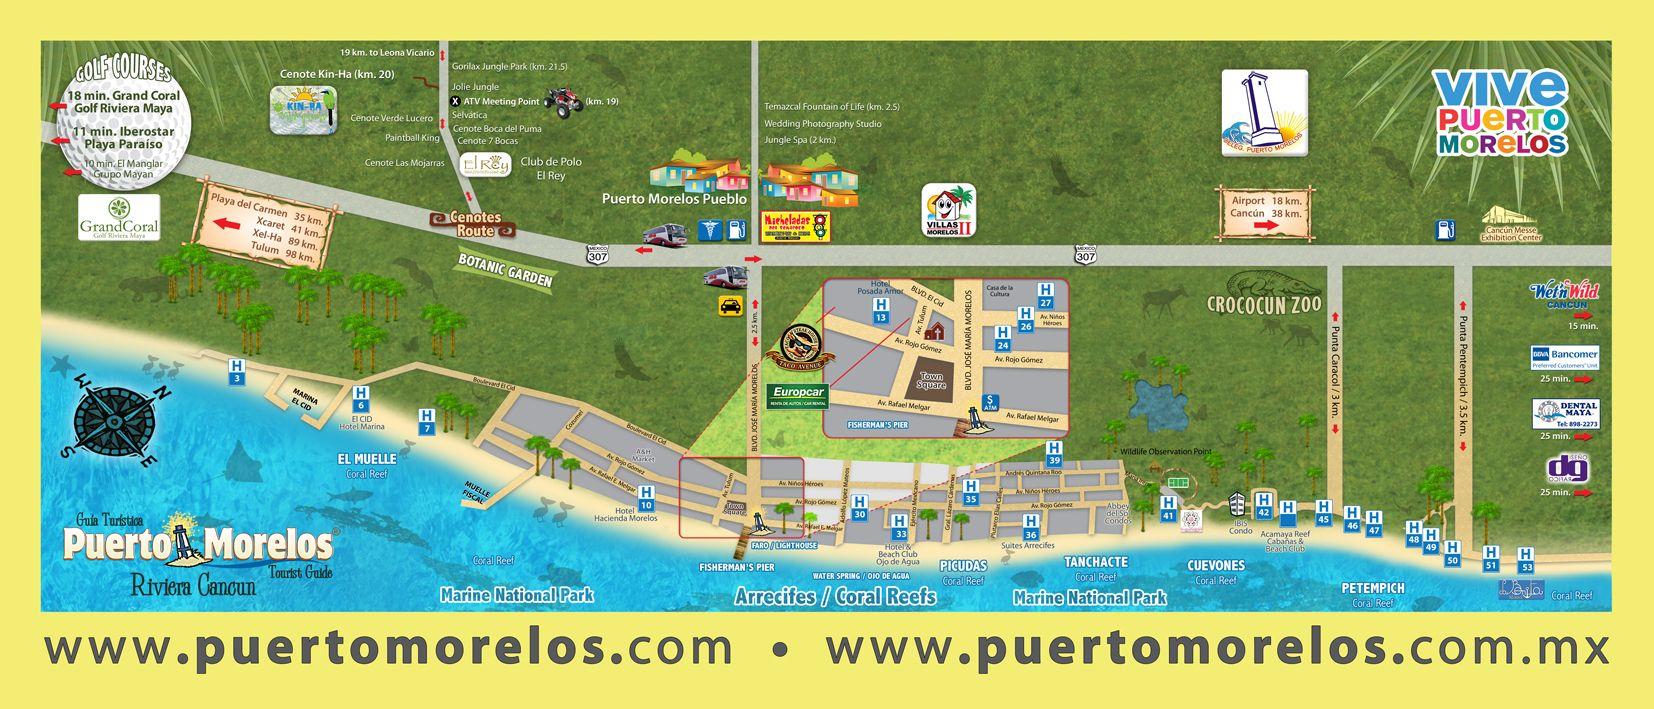 mapa ptorelos exphotel puerto morelos pinterest puerto